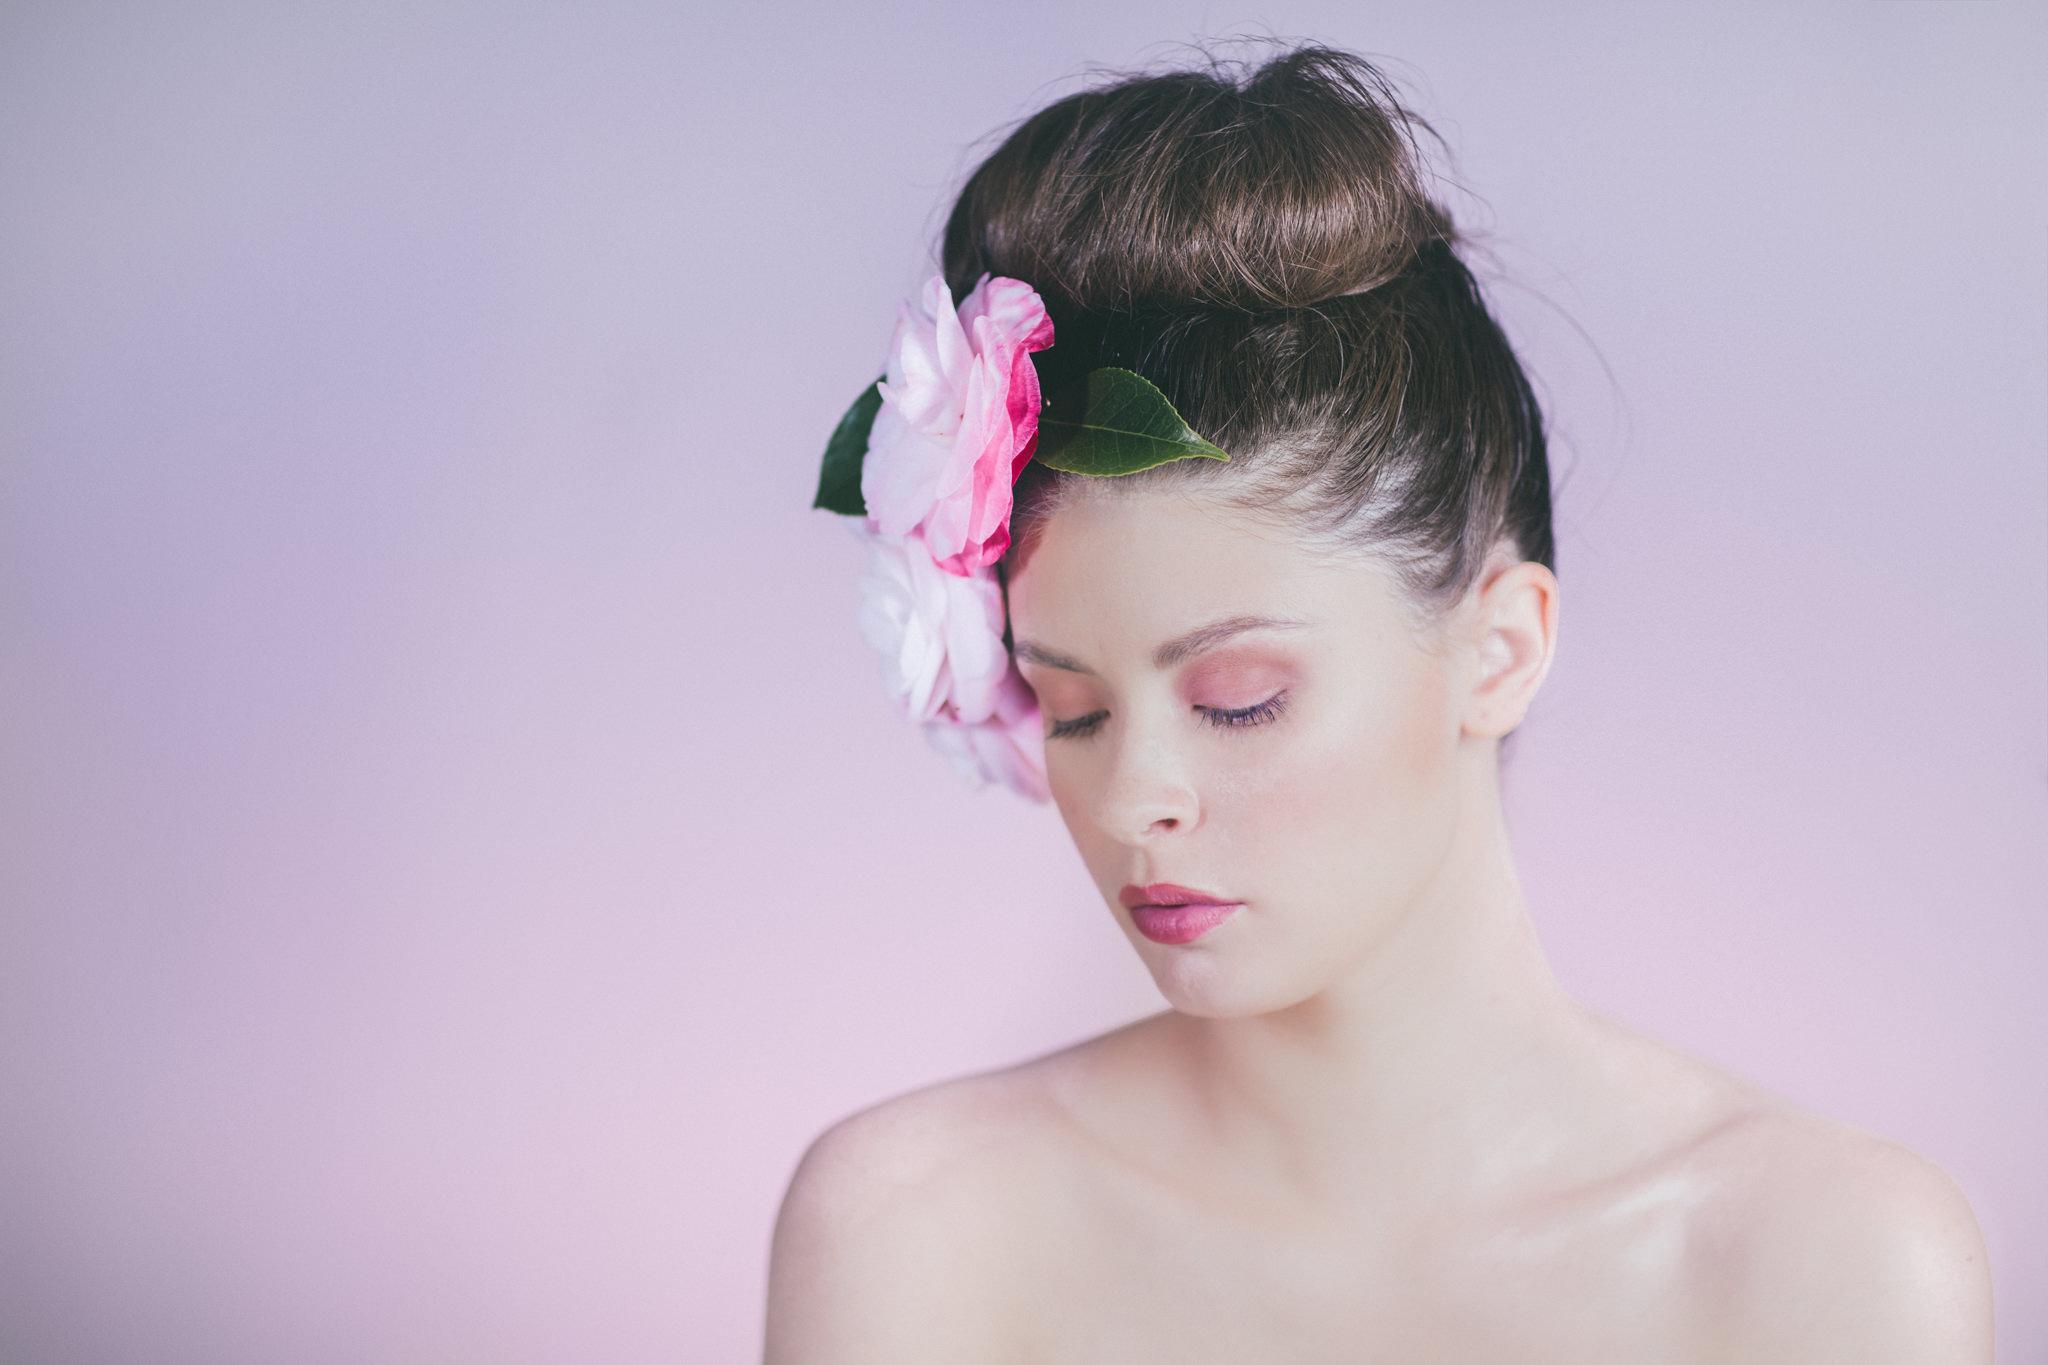 pretty beauty photographer - makeup - closeup photos of face